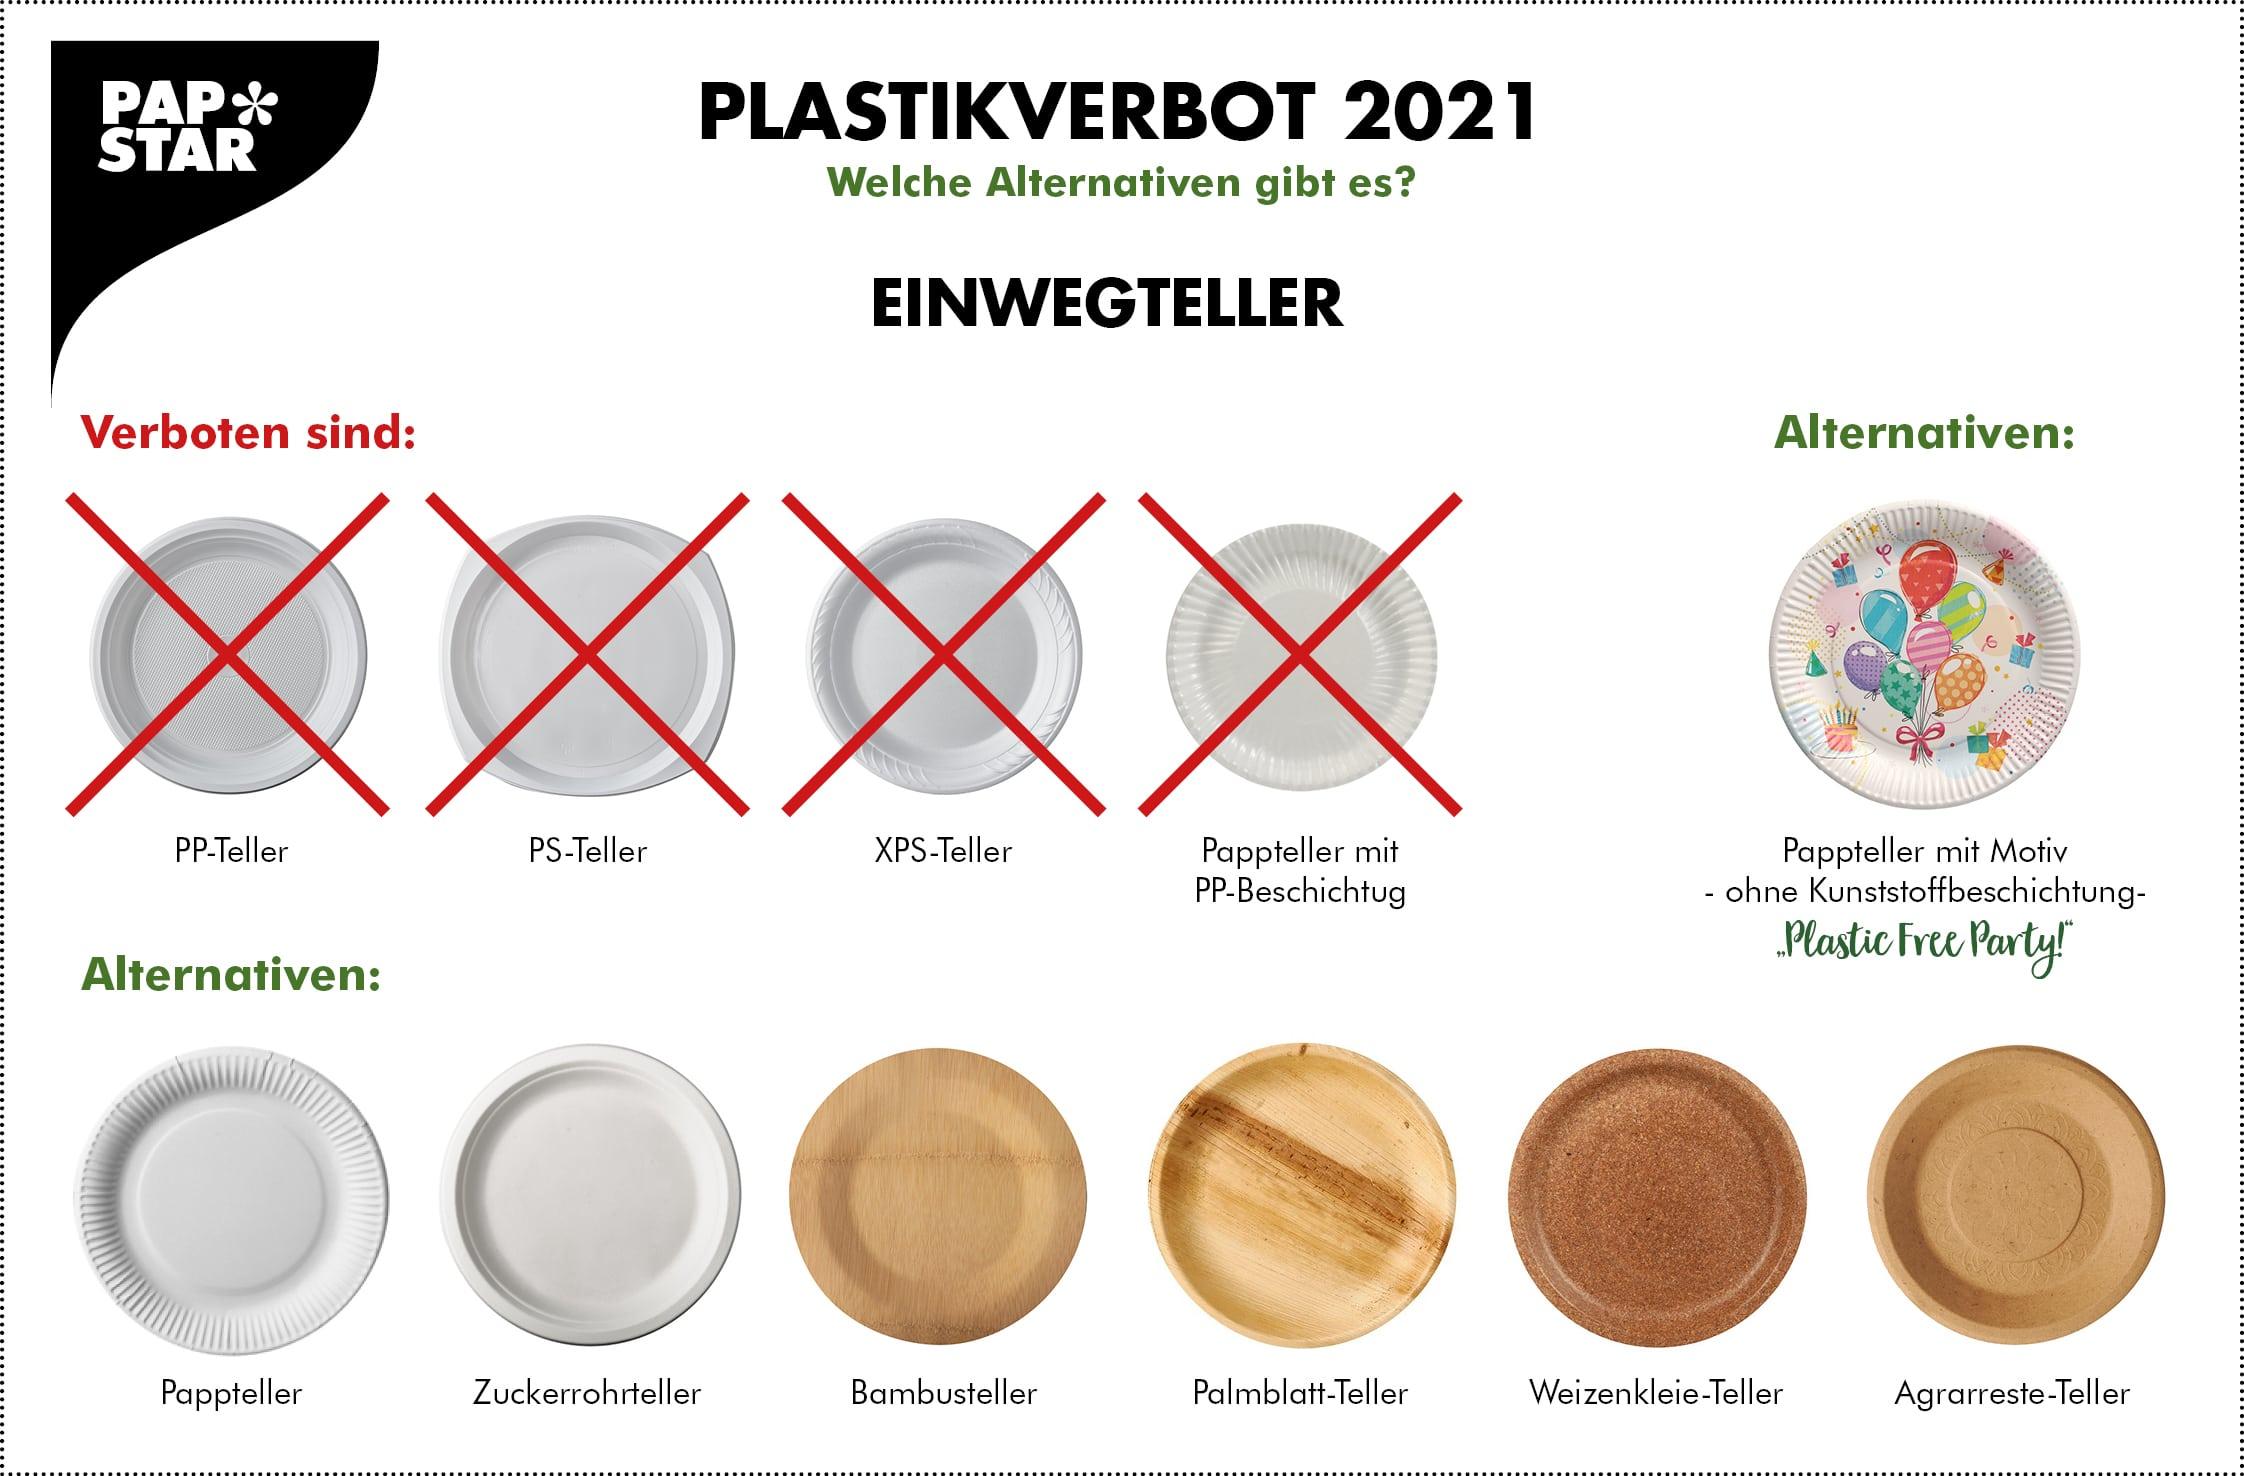 Plastik ade – Verbot von Einmalprodukten aus Kunststoff tritt in Kraft